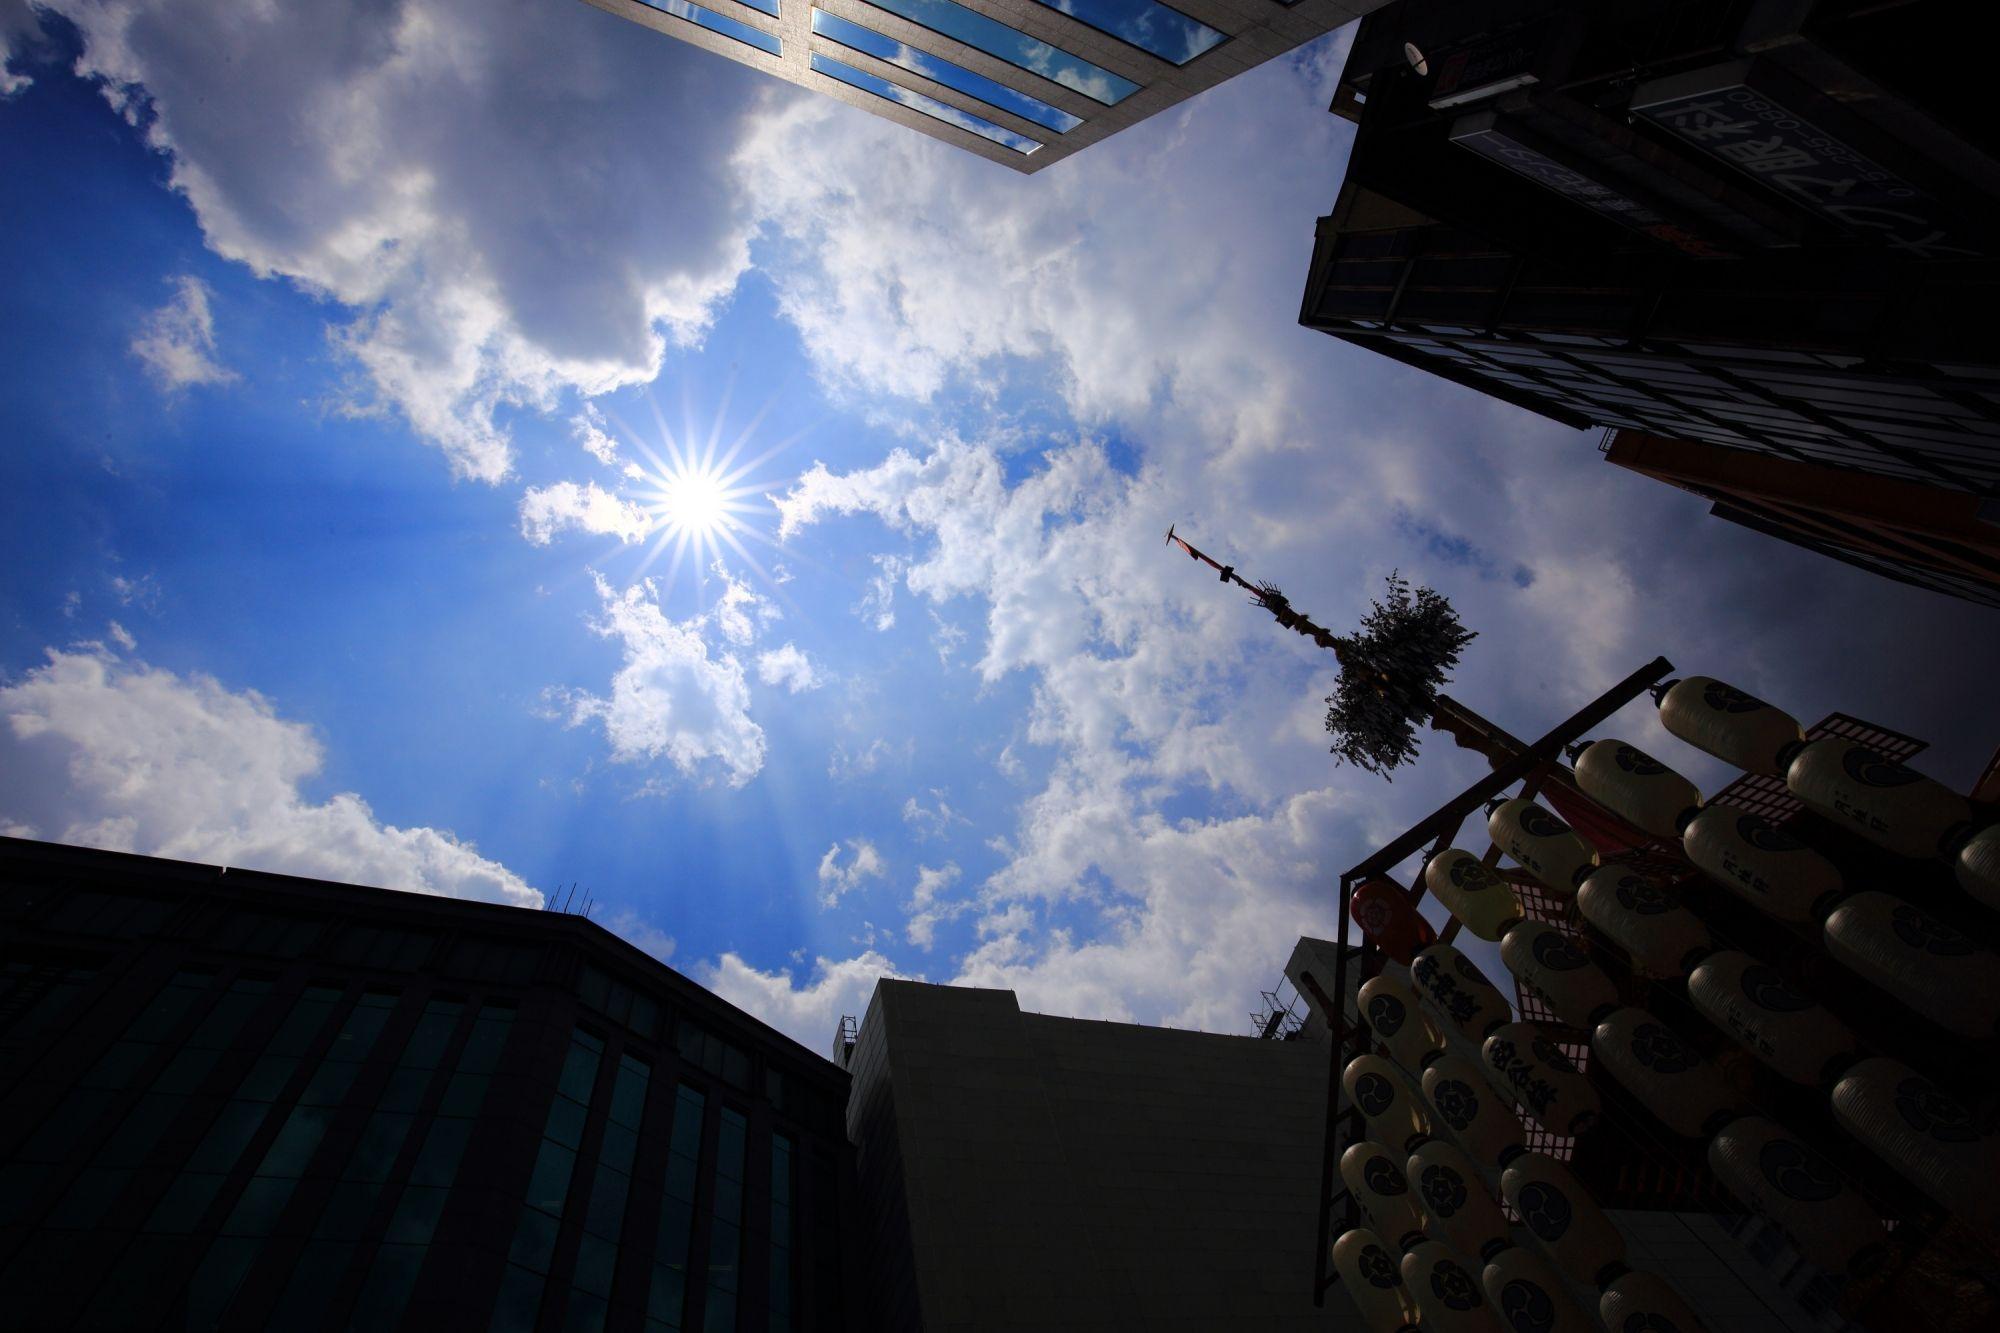 京都祇園祭の函谷鉾と青空と太陽